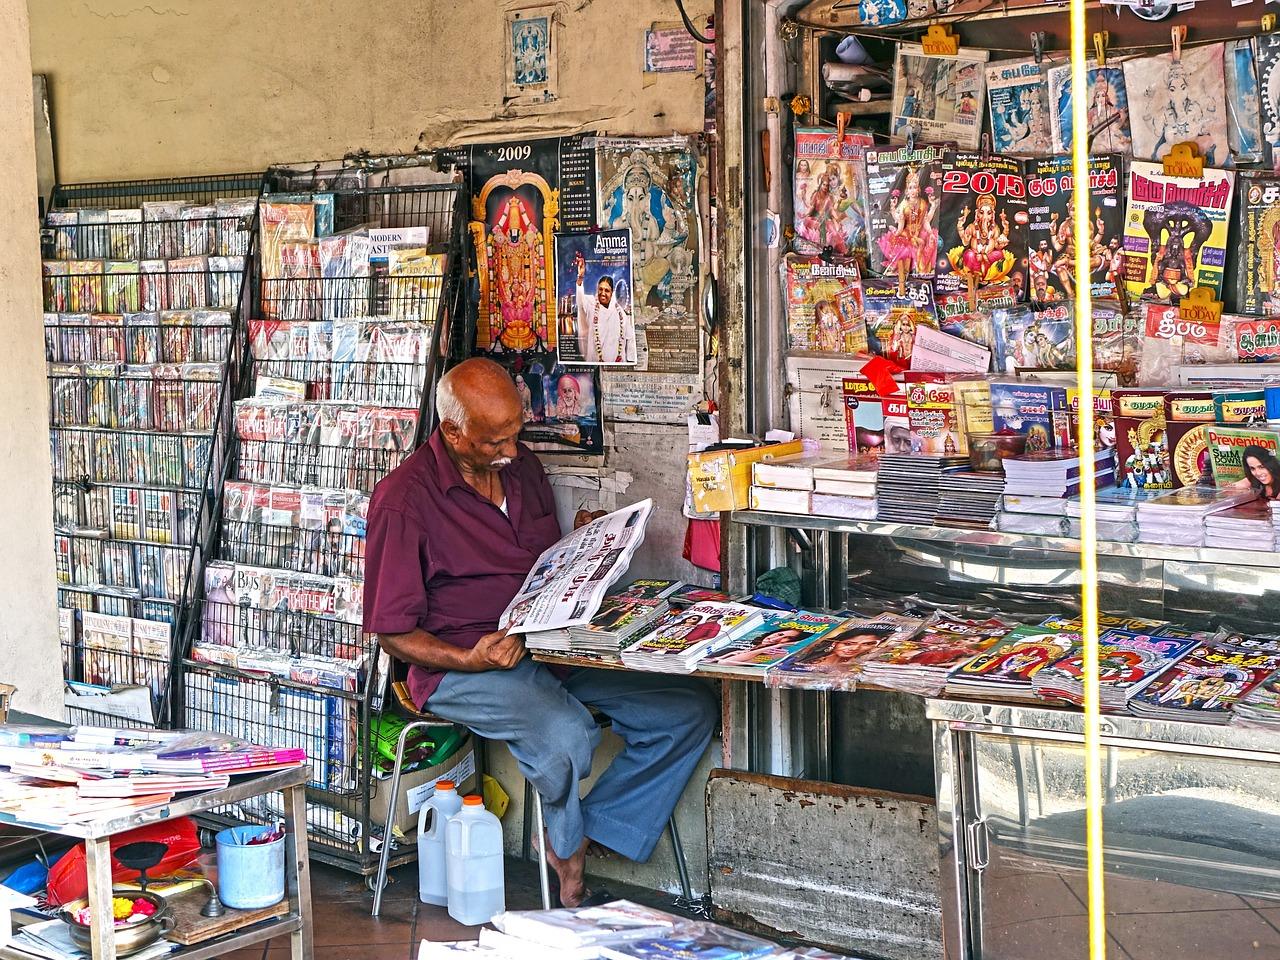 shop-vendor-magazine-805536